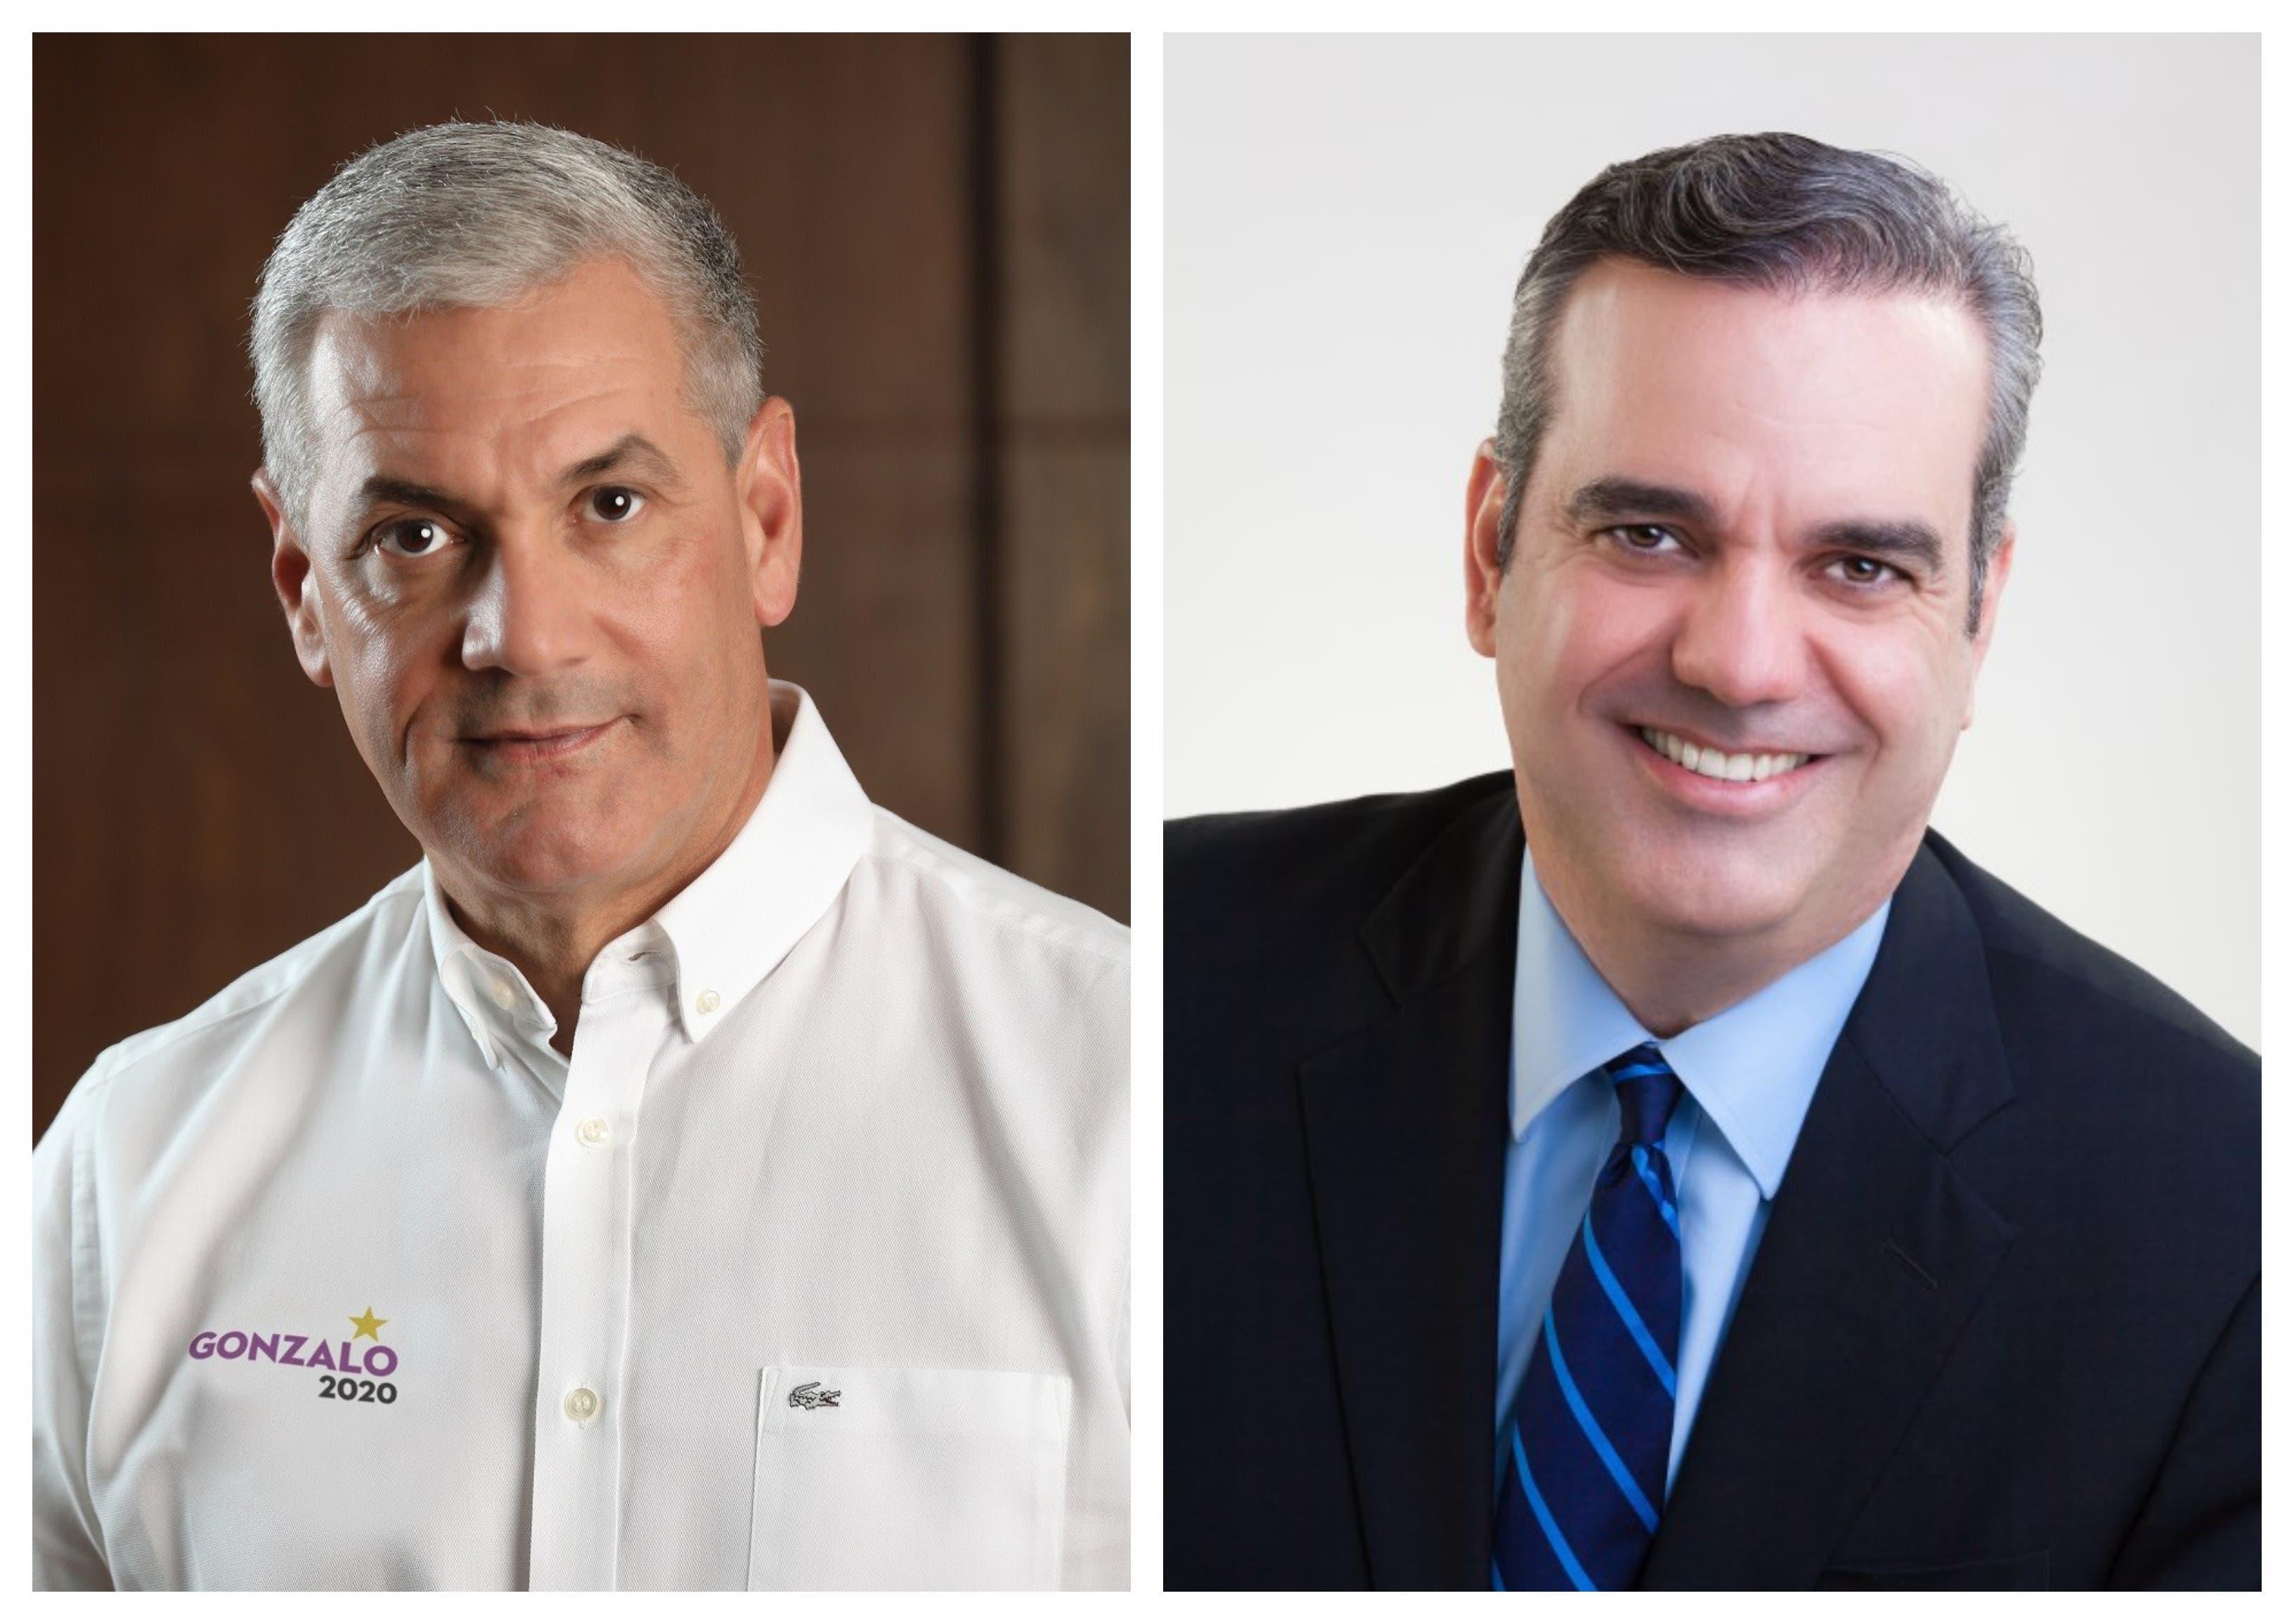 2 empresarios dominicanos irán por la presidencia en 2020